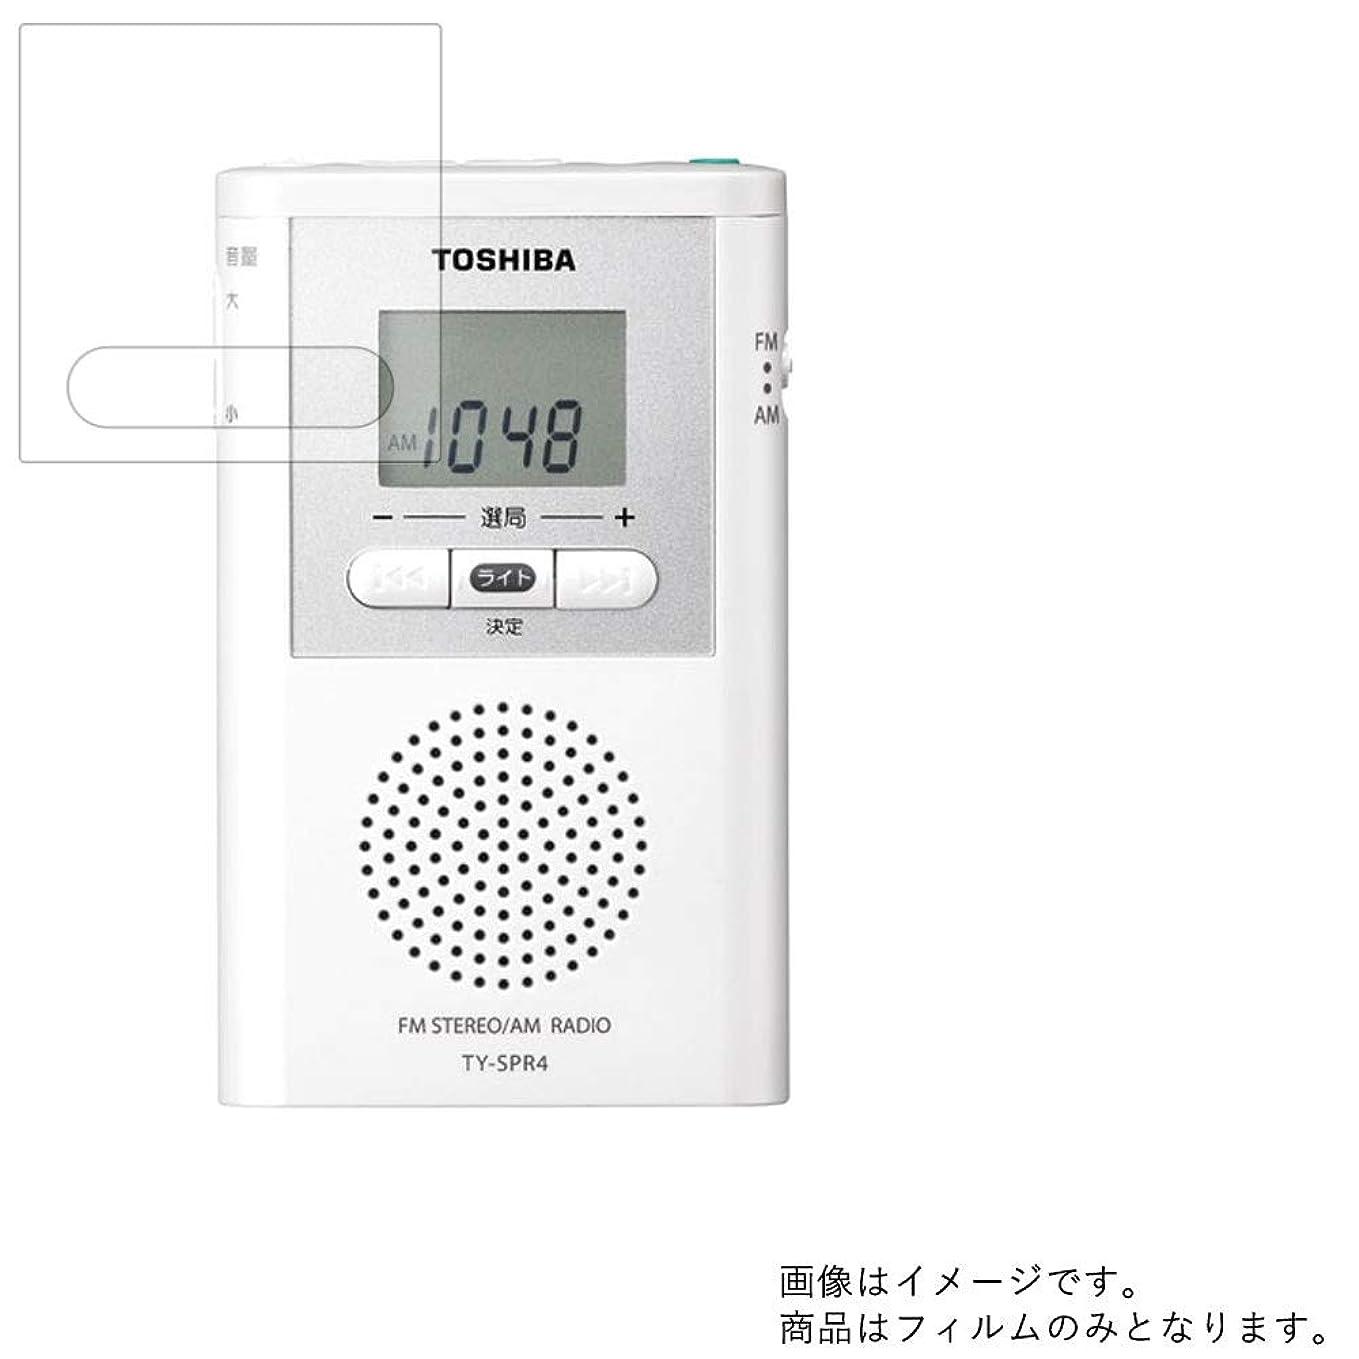 不快近代化スロー【2枚セット】Toshiba TY-SPR4 用 液晶保護フィルム 防指紋(クリア)タイプ